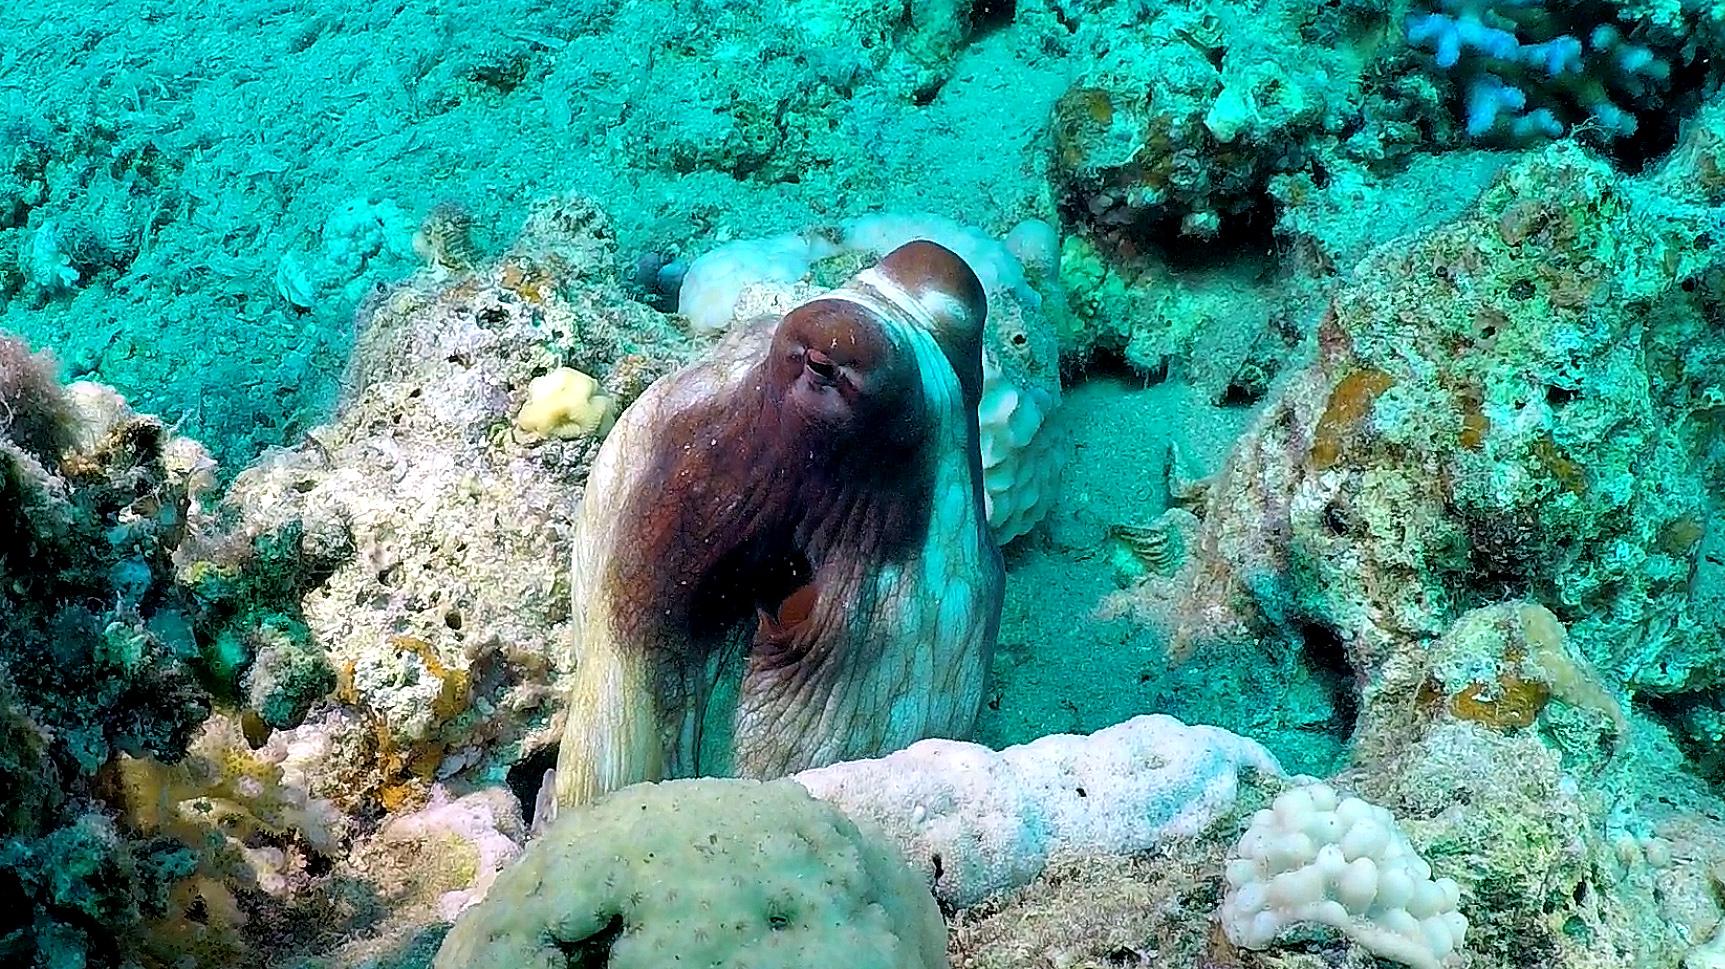 Dirk-Van-den-Bergh_octopus-74196